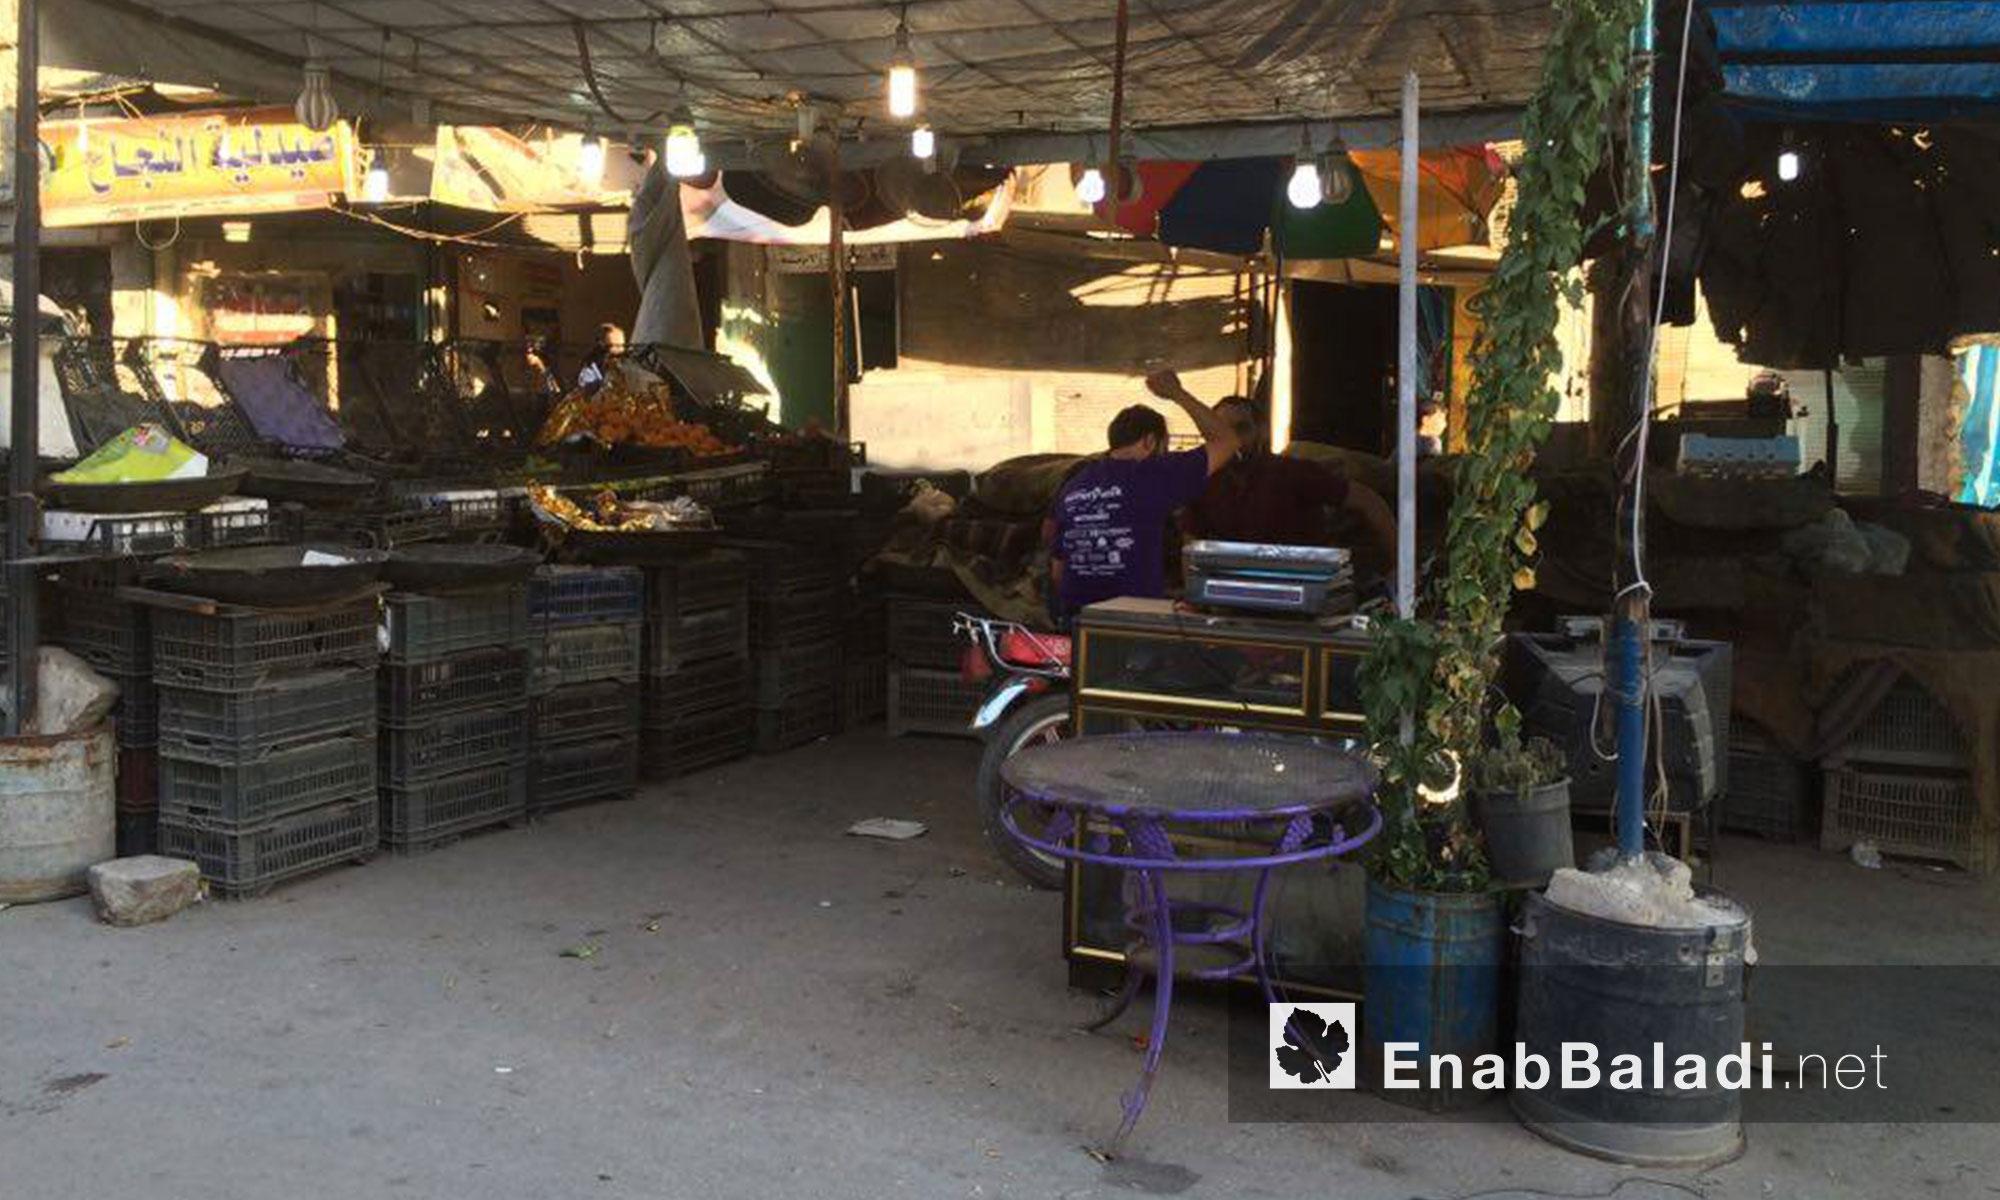 ويتخوف أهالي المدينة البالغ عددهم نحو 400 ألف مواطن من استمرار الحصار فيما لو سيطرت قوات الأسد فعليًا على طريق الكاستيلو